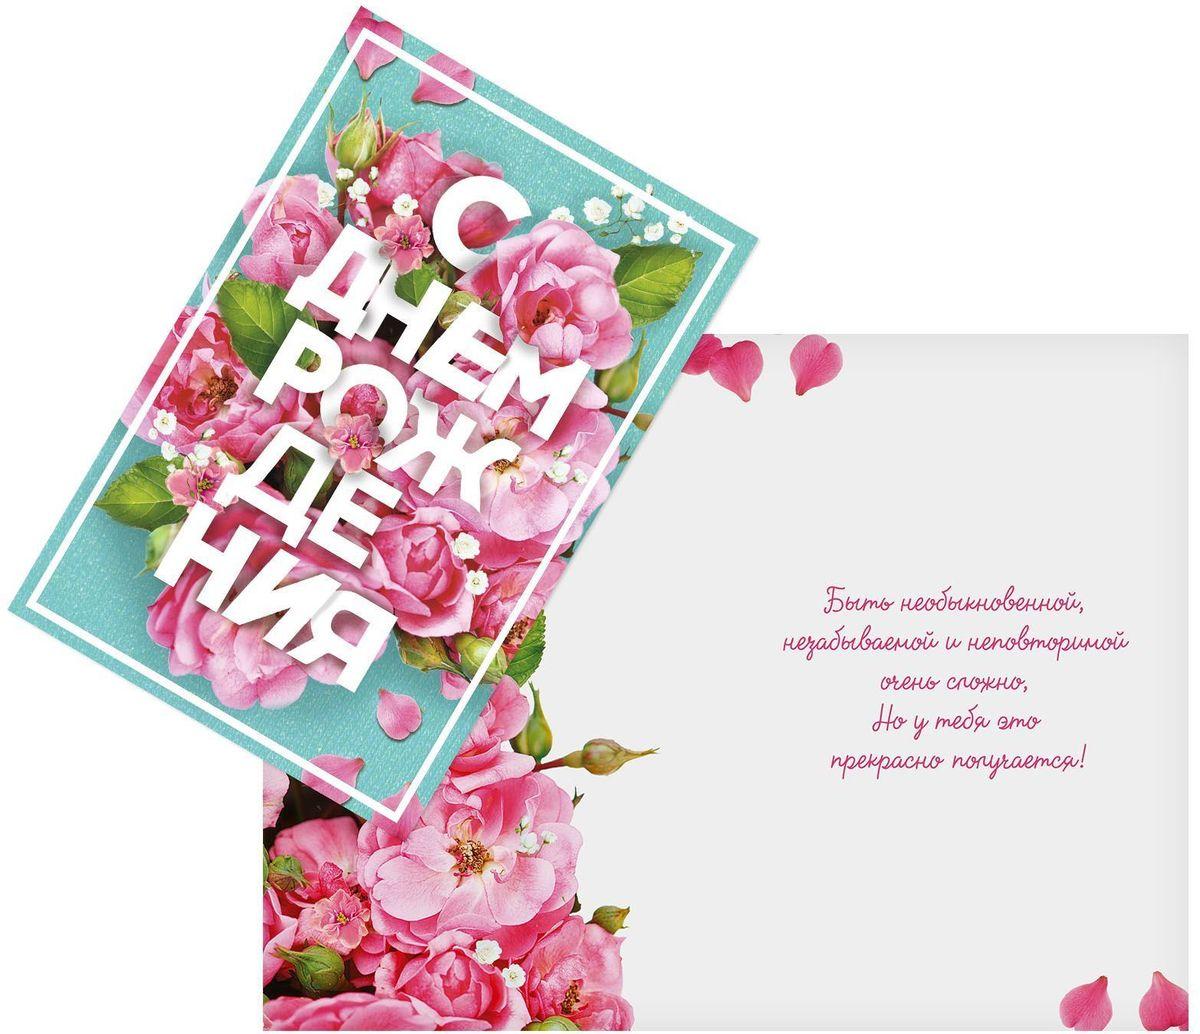 Атмосферу праздника создают детали: свечи, цветы, бокалы, воздушные шары и поздравительные открытки - яркие и весёлые, романтичные и нежные, милые и трогательные.Расскажите о своих чувствах дорогому для вас человеку, поделитесь радостью с близкими и друзьями. Открытка с креативным дизайном вам в этом поможет.